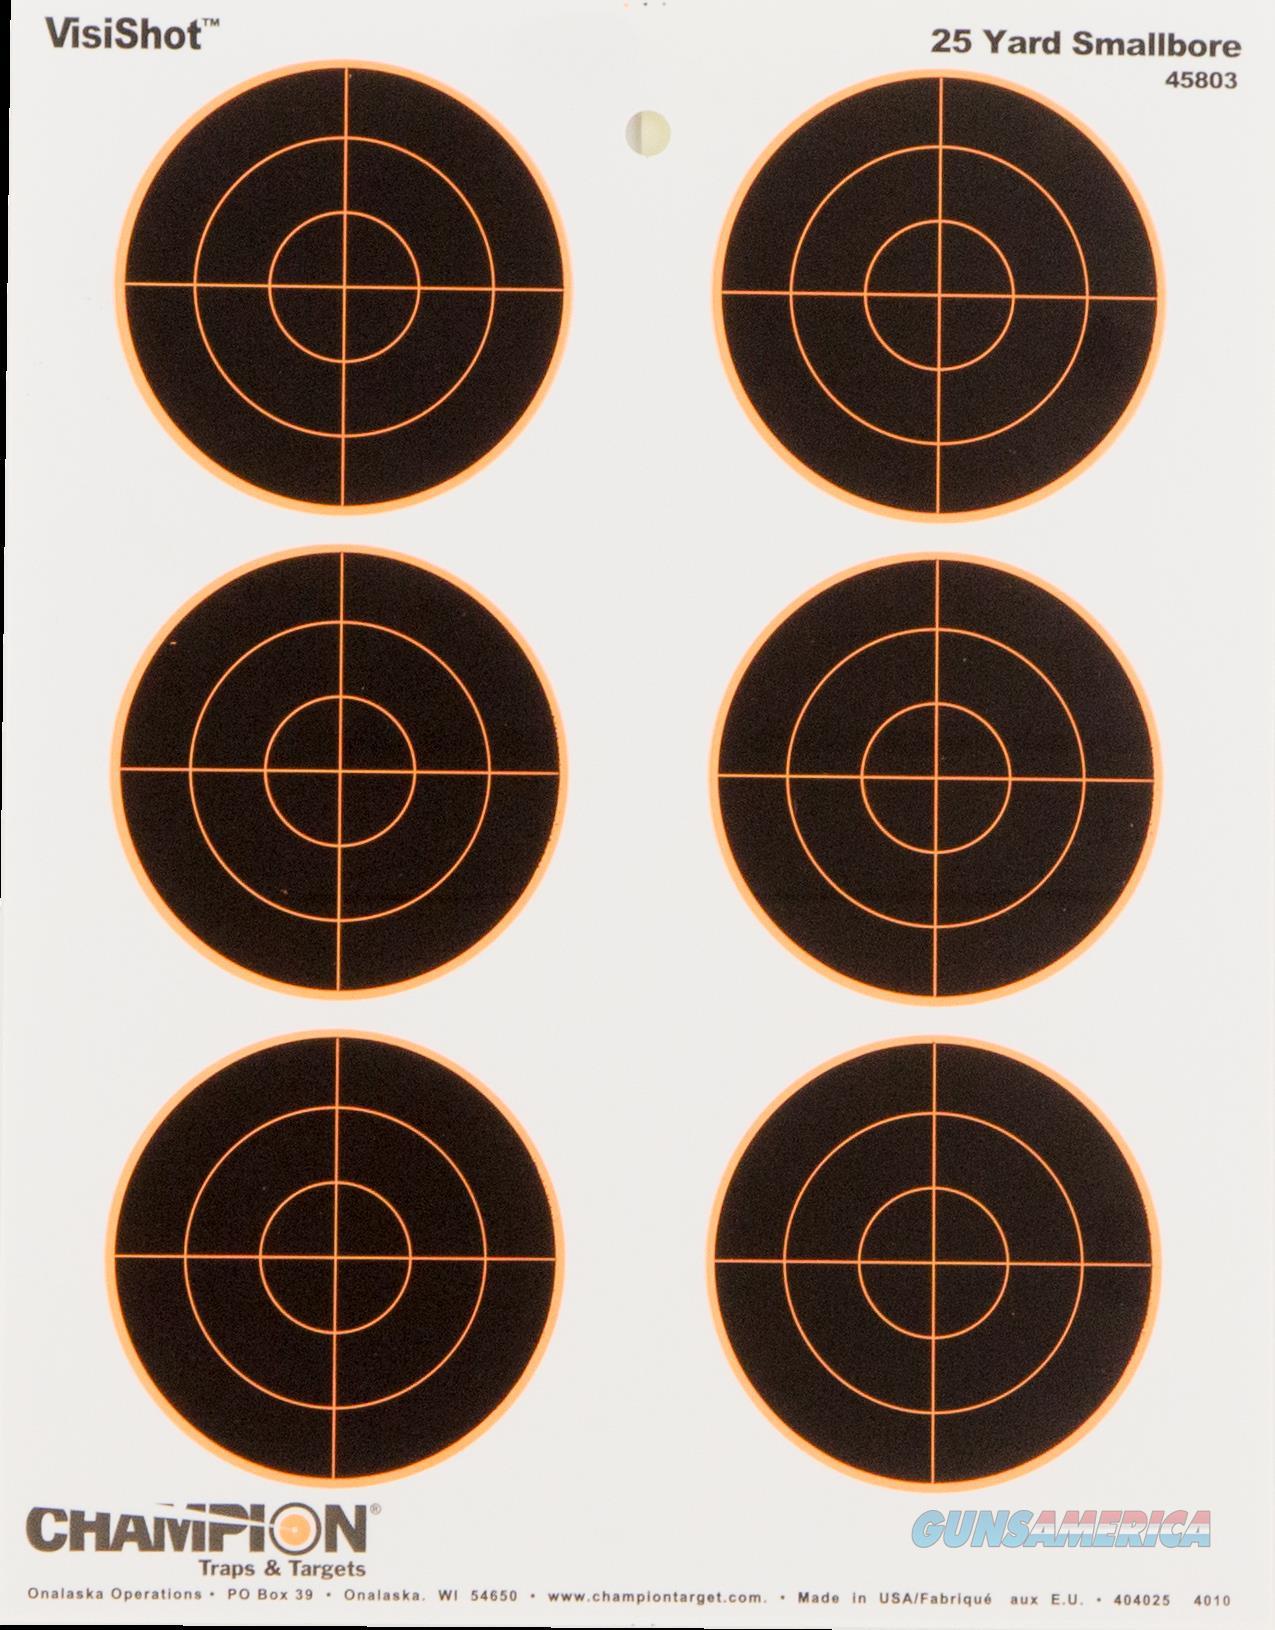 Champion Targets Visishot, Champ 45803 Visishot Tgt 3in Bulls  Guns > Pistols > 1911 Pistol Copies (non-Colt)